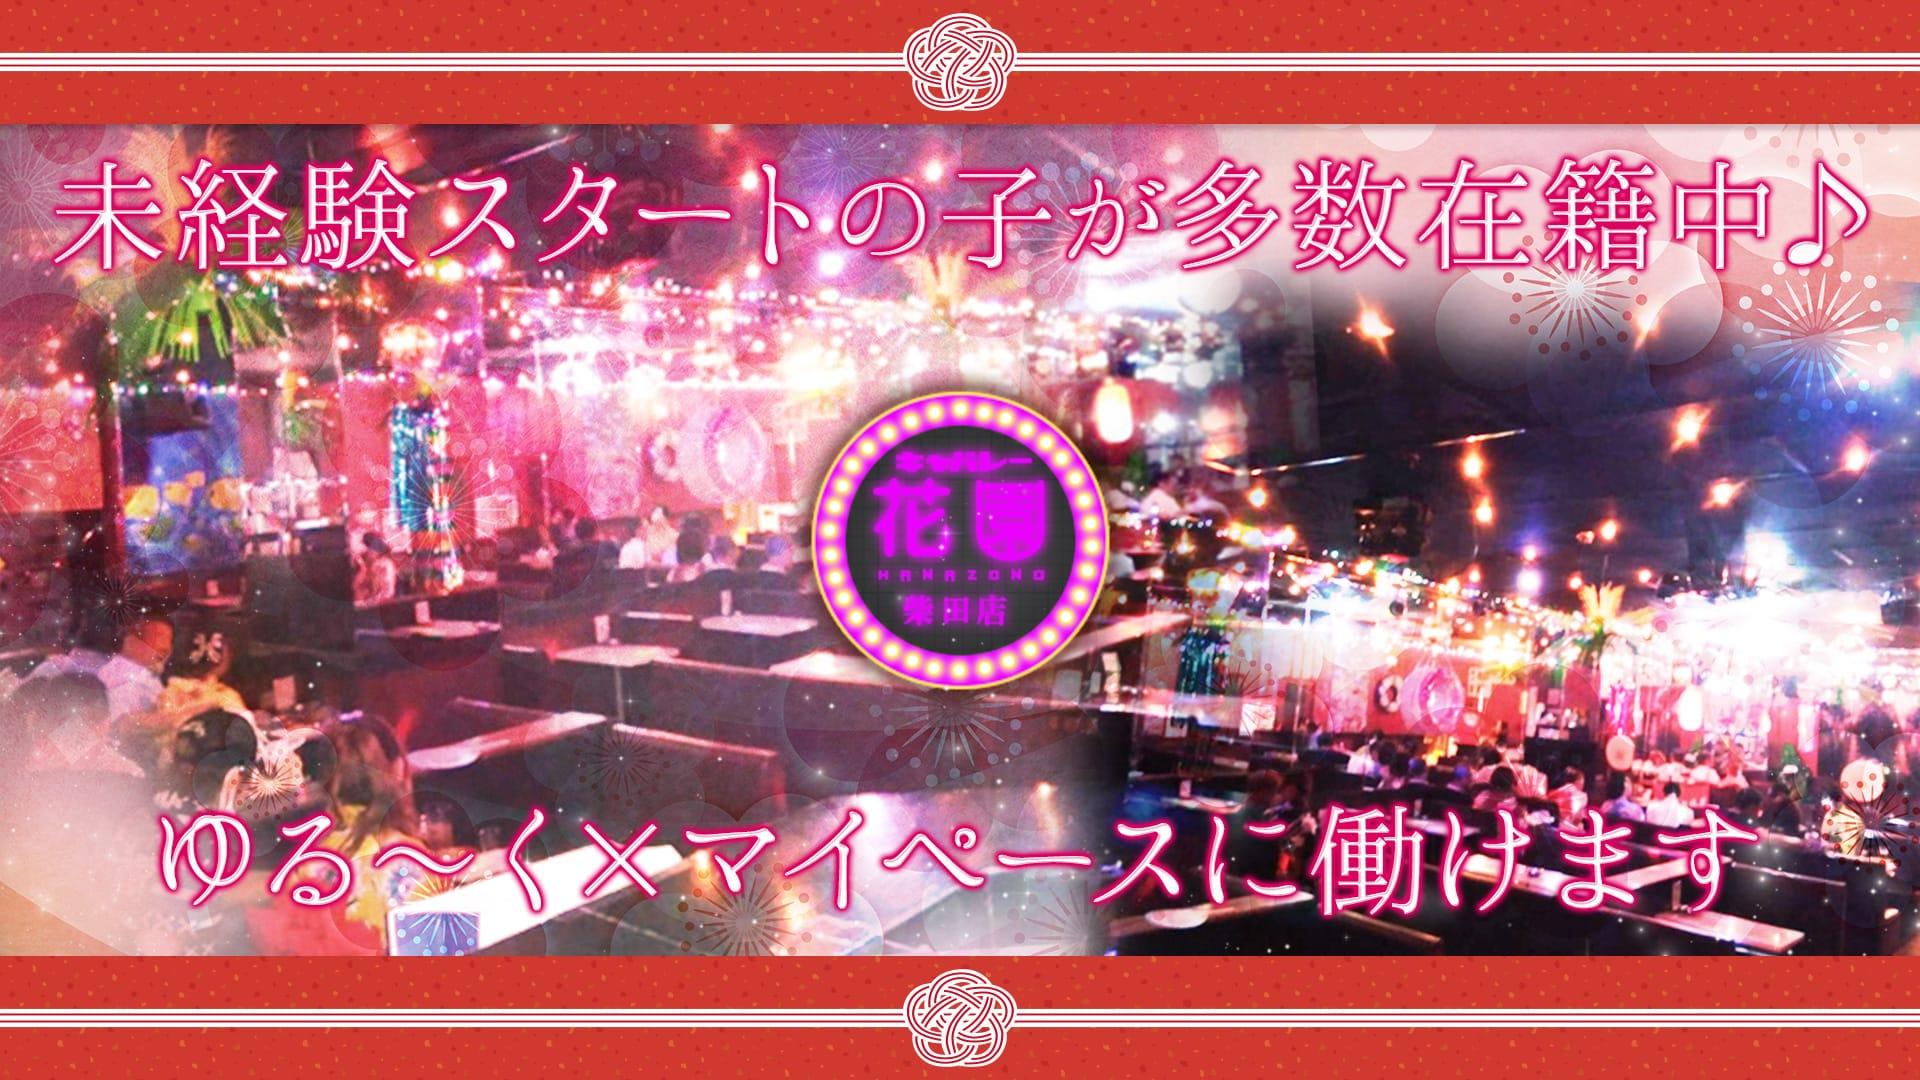 キャバレー花園 柴田店 金山キャバクラ TOP画像